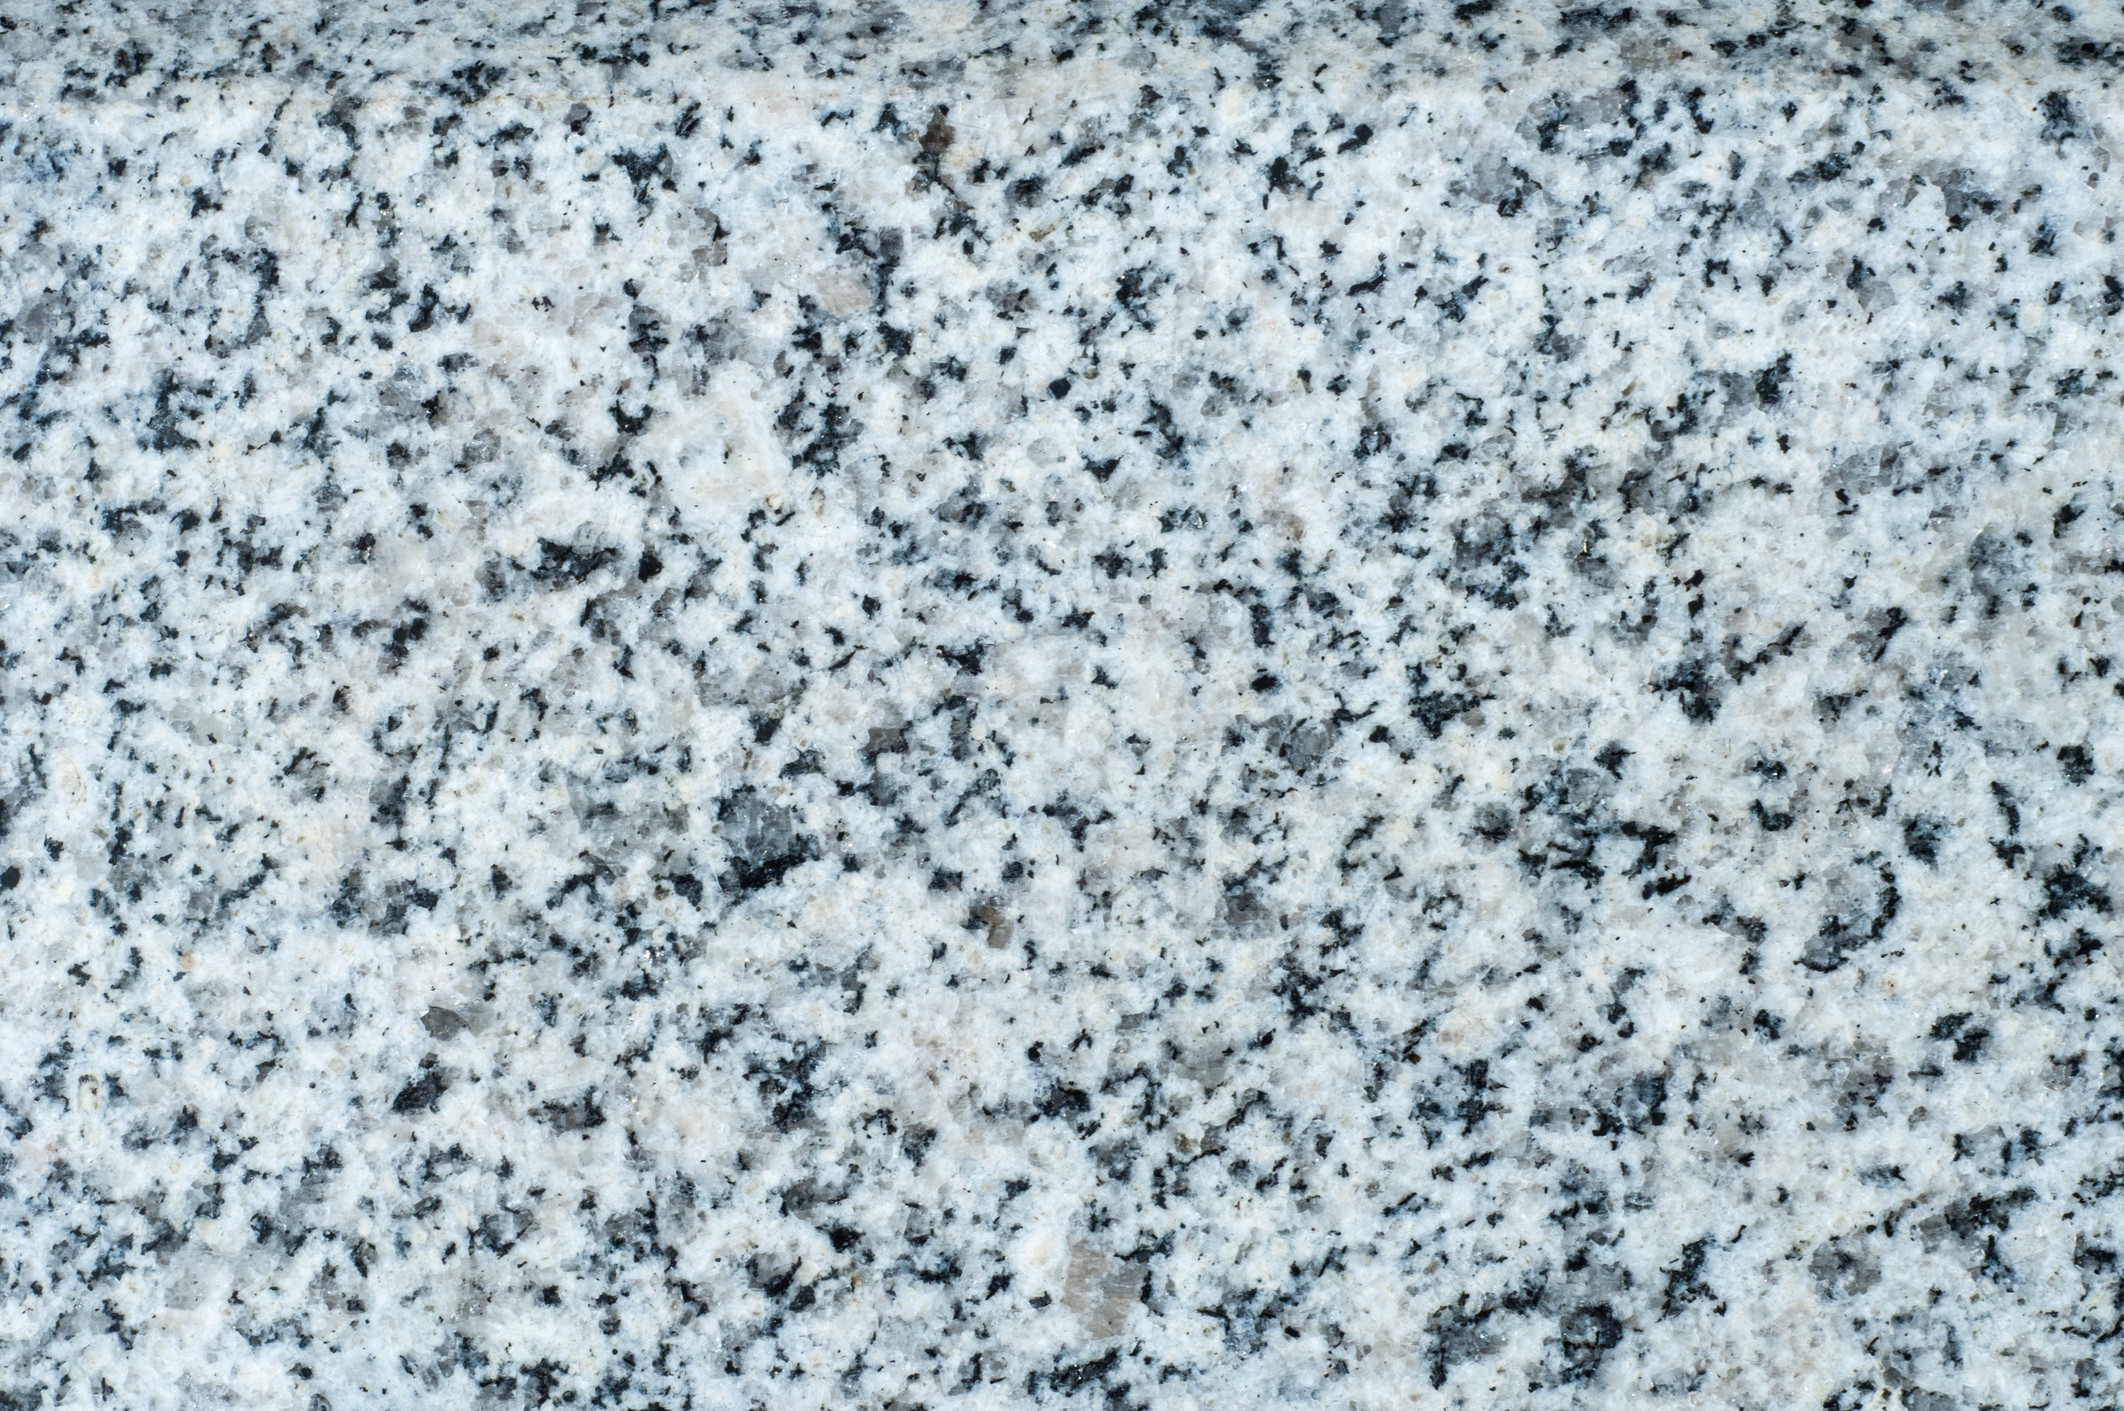 Lantai Granit Kusam? Ini 5 Cara Mudah untuk Membersihkannya